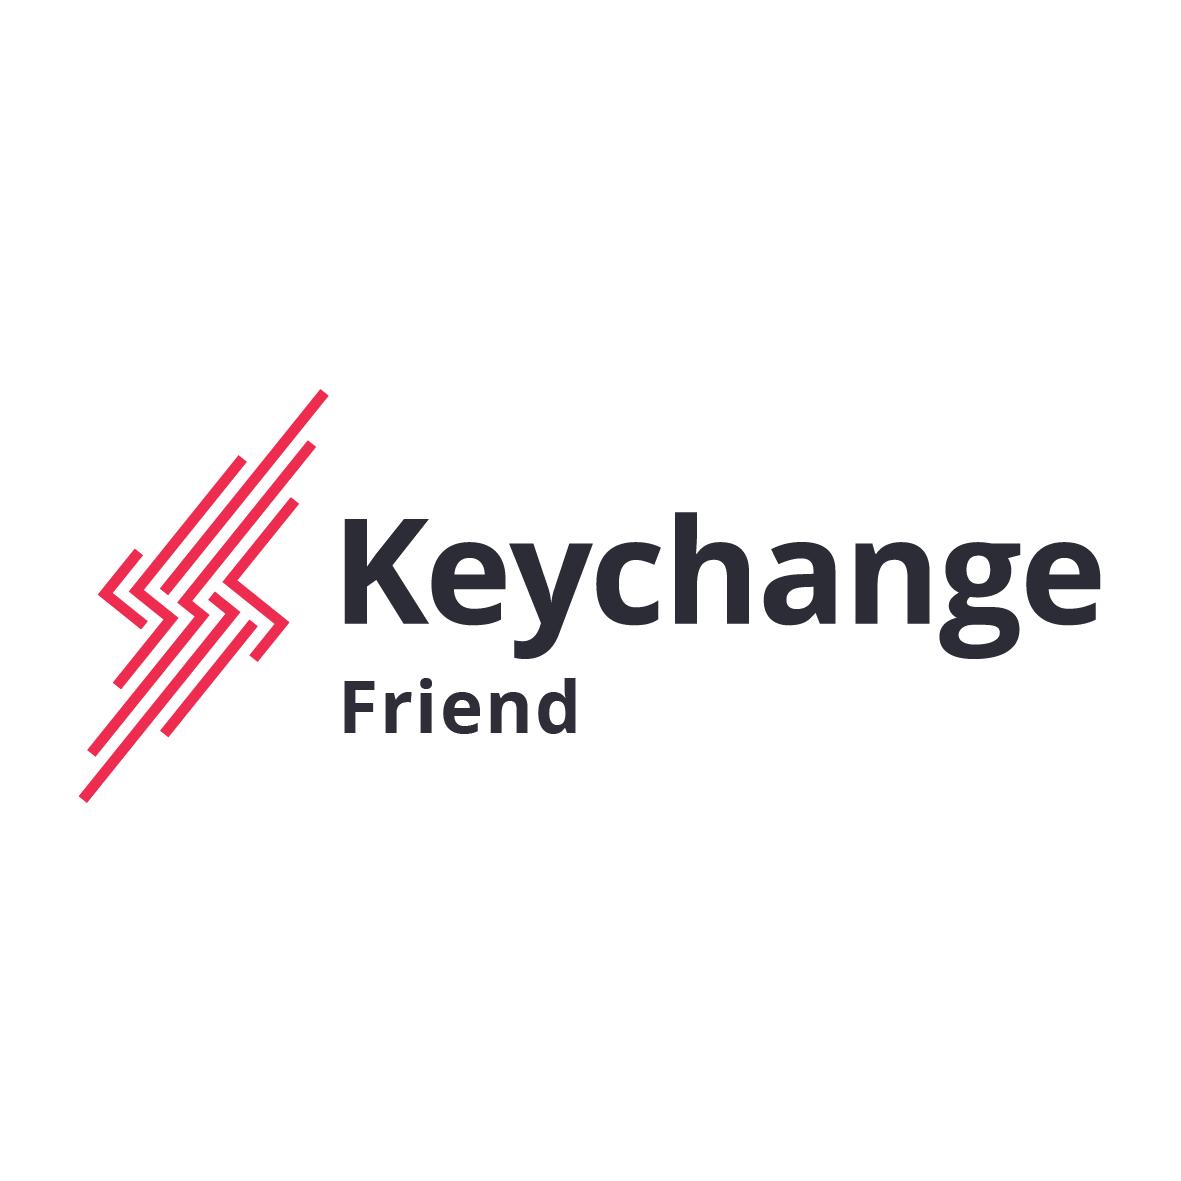 Keychange Friends (Organisations) - Keychange